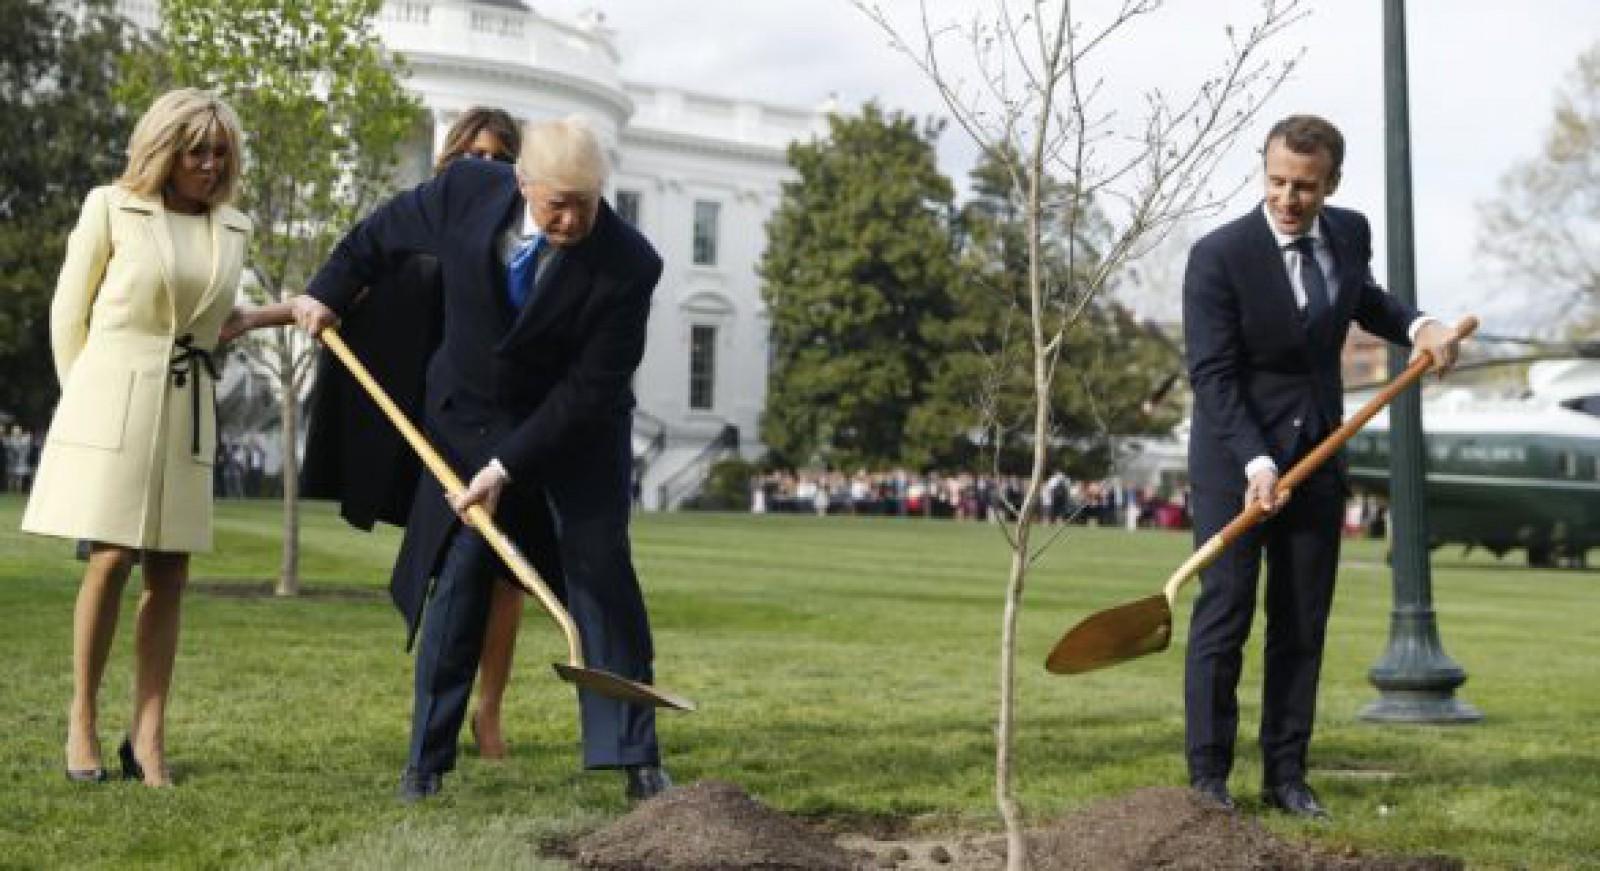 S-a aflat unde a dispărut stejarul plantat de Macron și Trump la Casa Albă: Explicația autorităților franceze